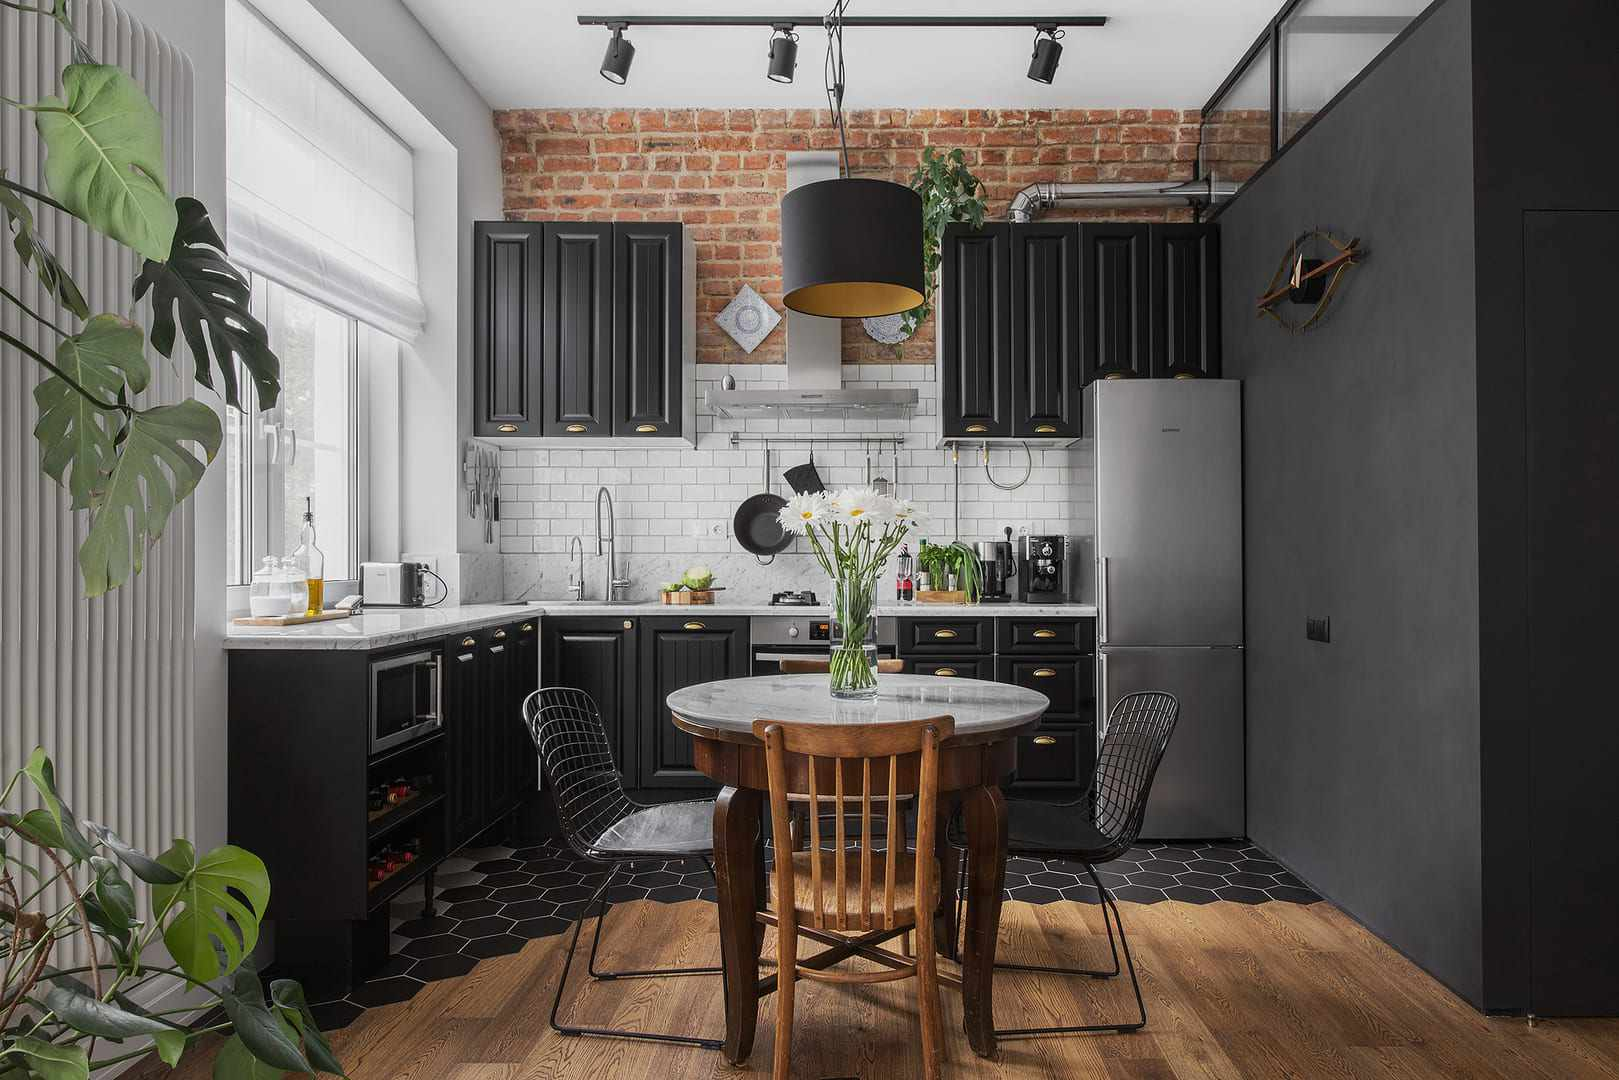 Muebles de cocina negros con ladrillo